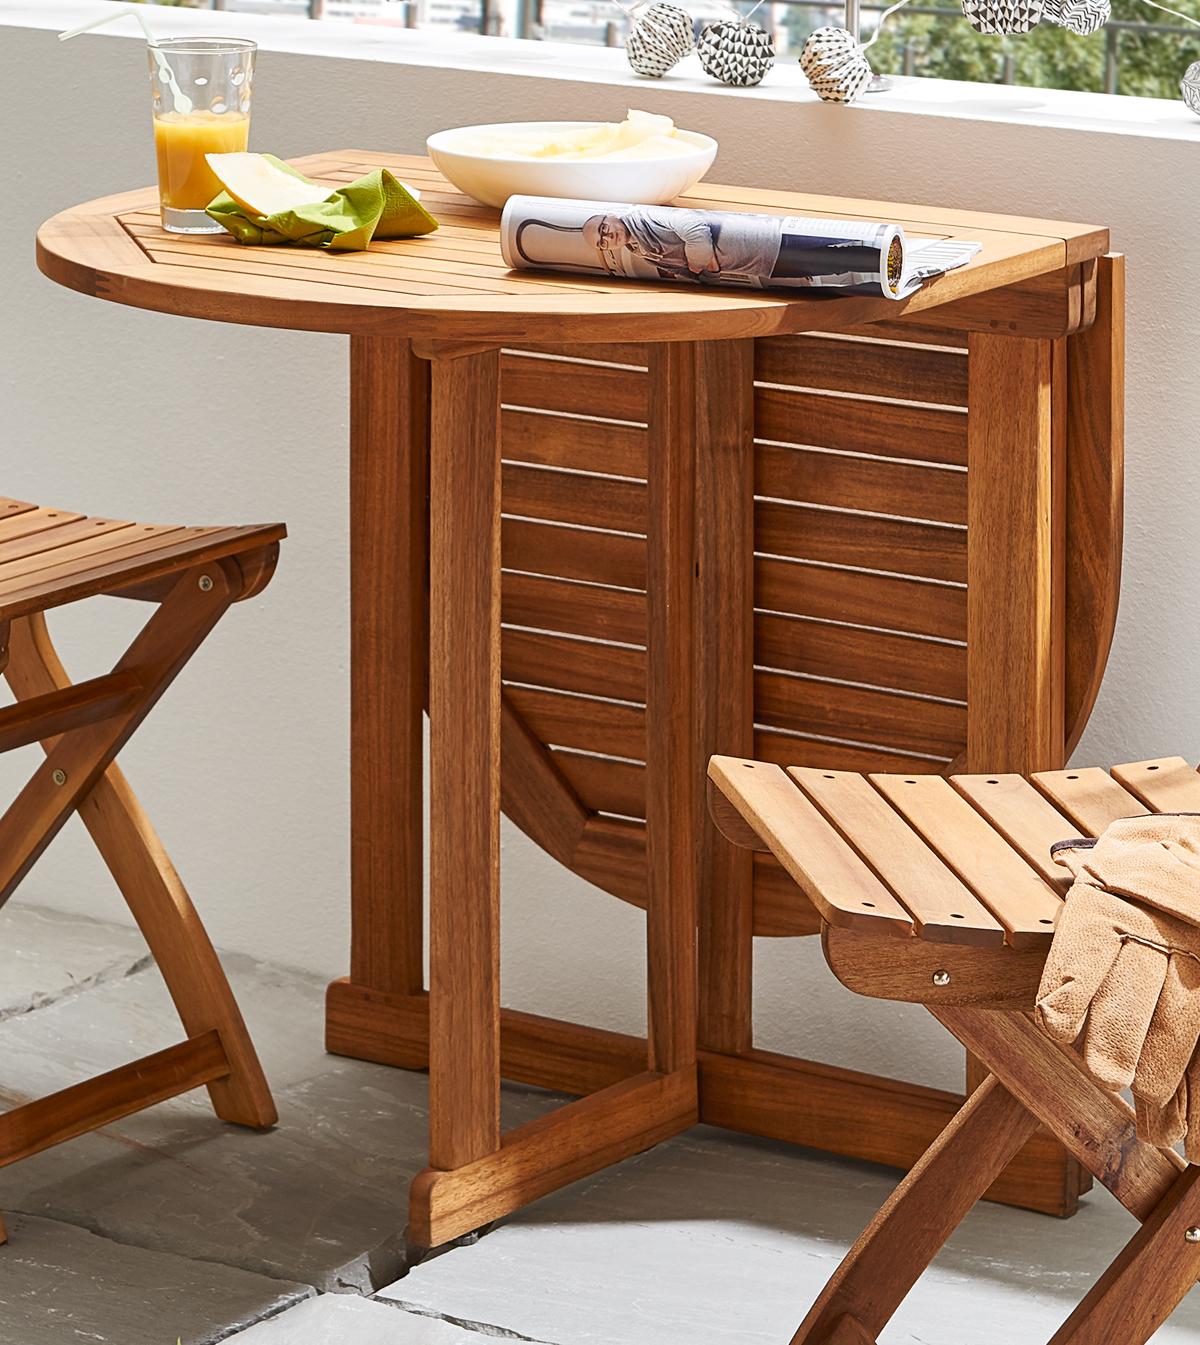 Tisch Klappbar Simple Klapptisch Biertisch Koffertisch Esstisch